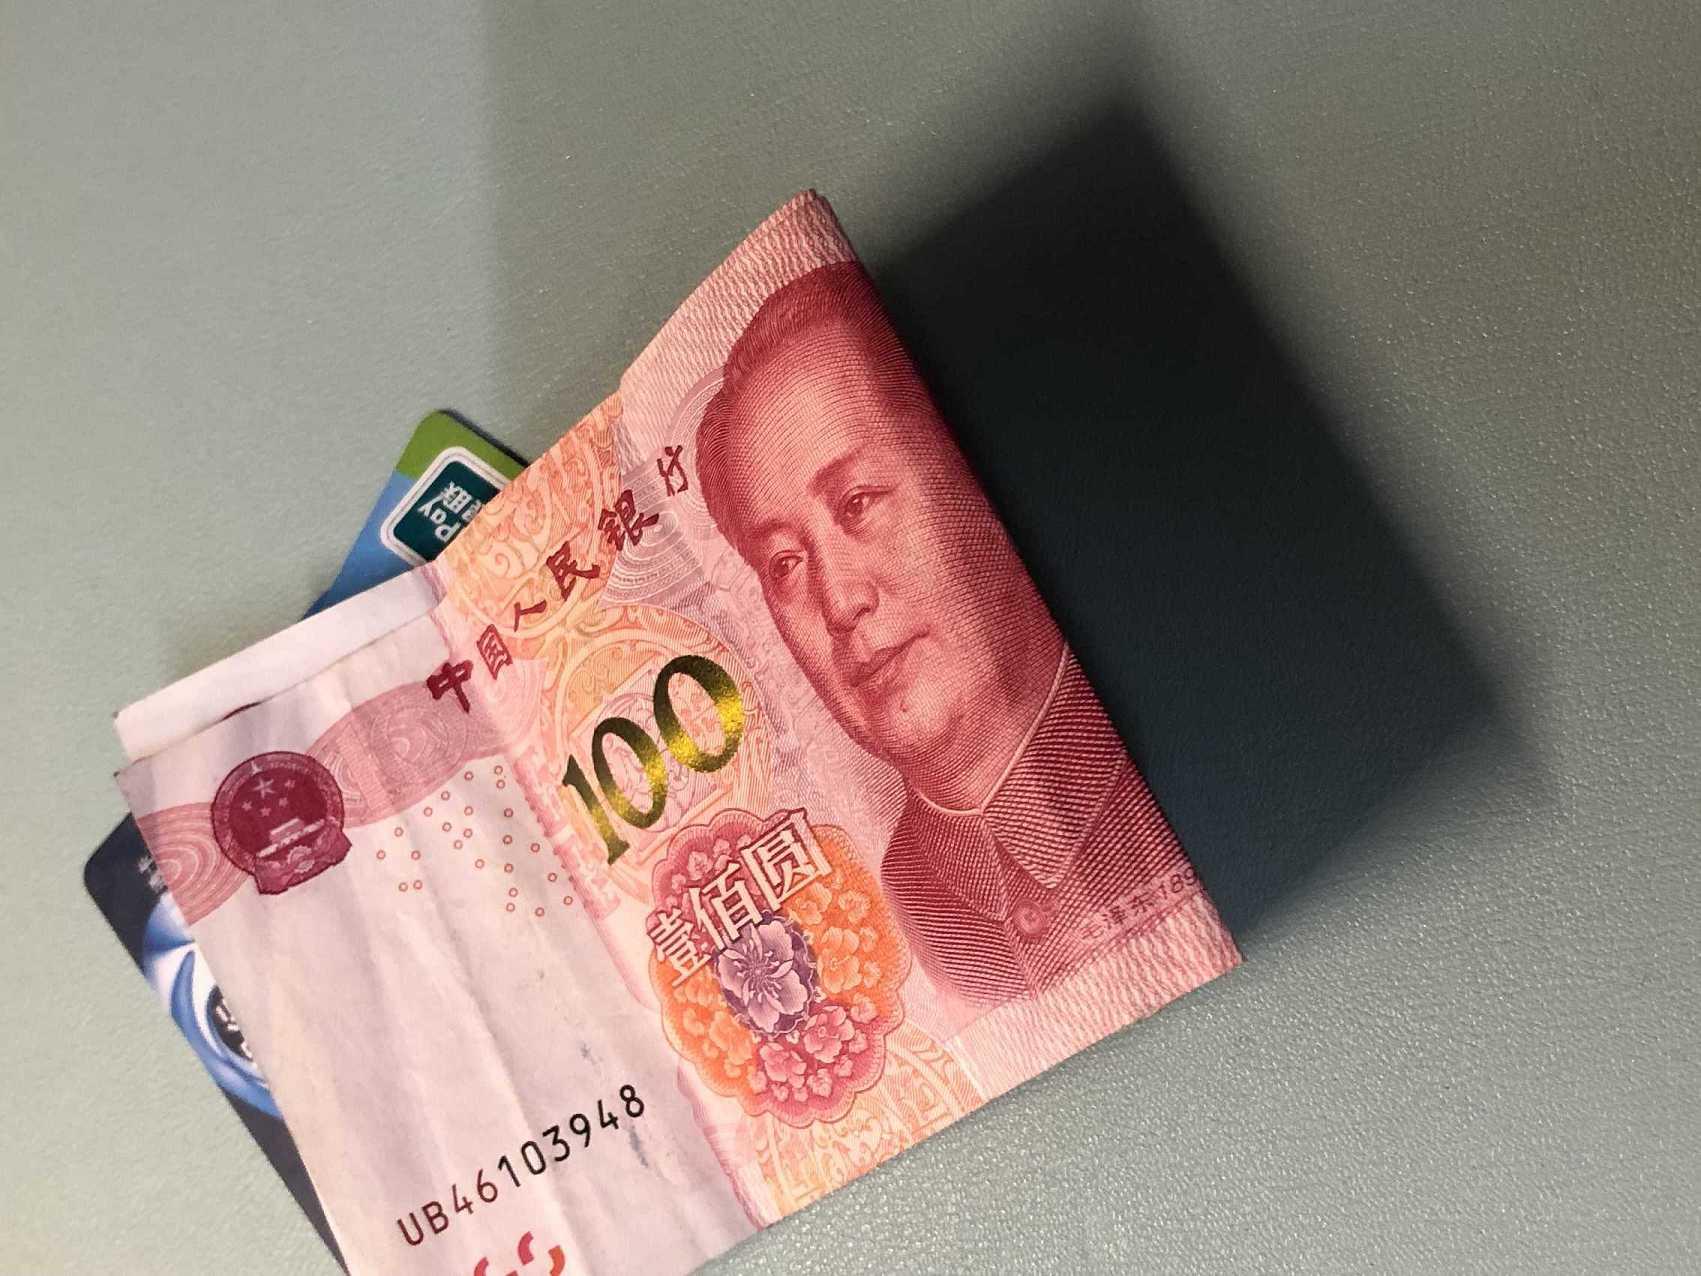 货币型基金有风险吗?为何说货币型基金风险极小